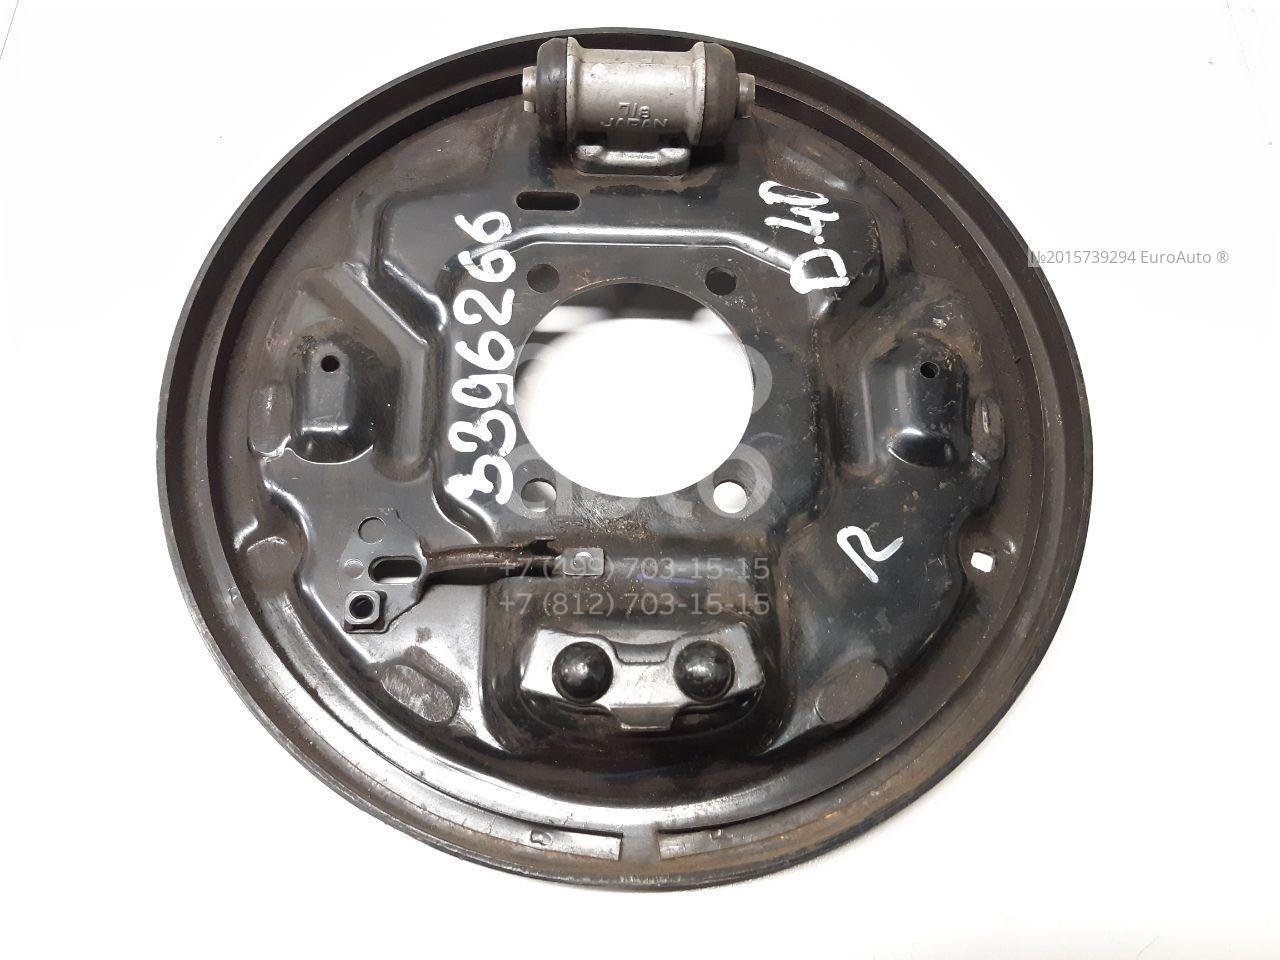 Щит опорный задний правый для Nissan Navara (D40) 2005> - Фото №1